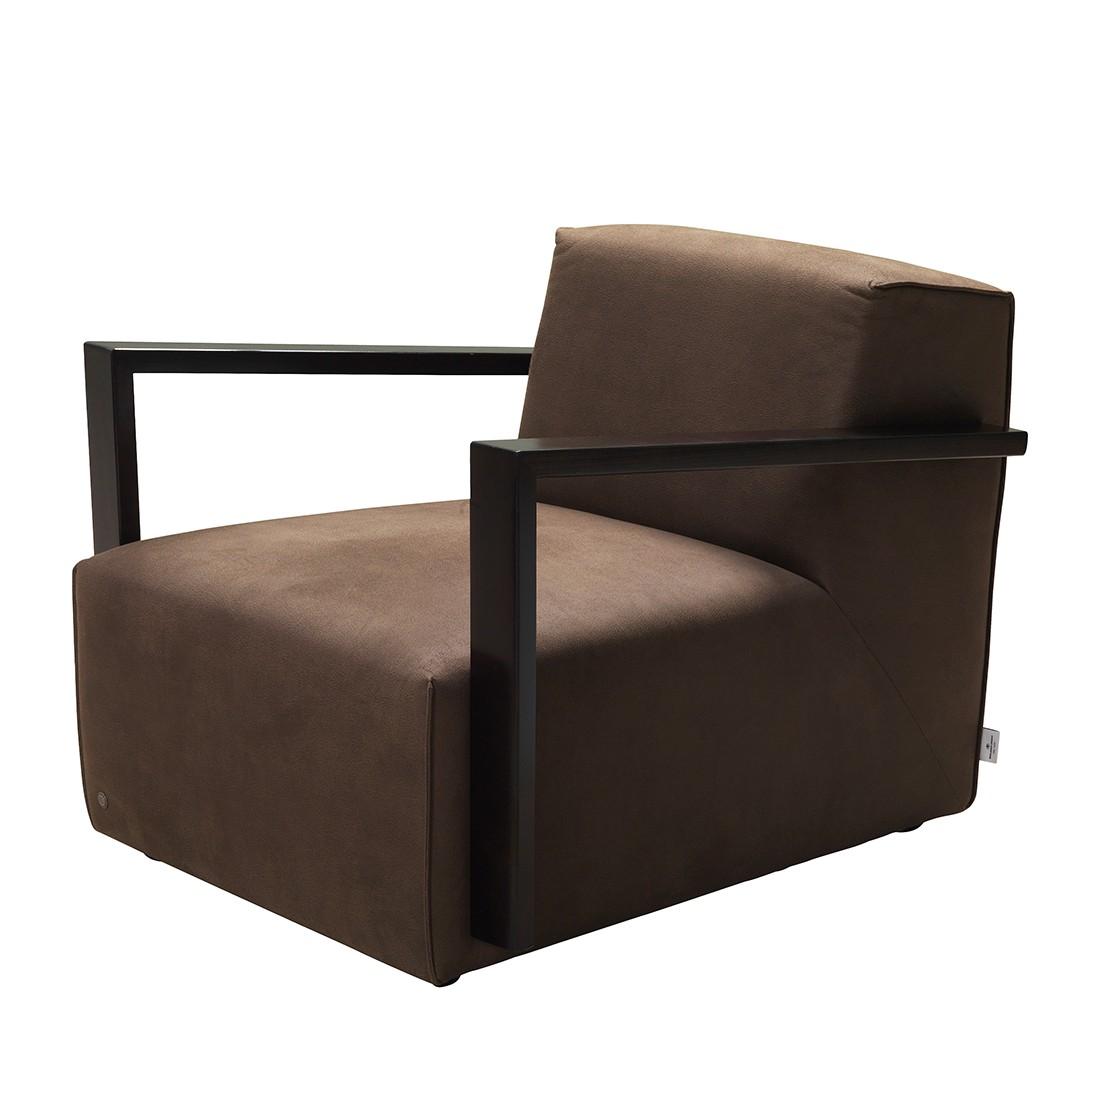 Alinea lazy fauteuil de jardin beige en comparer les prix et promo - Fauteuil imitation cuir vieilli ...